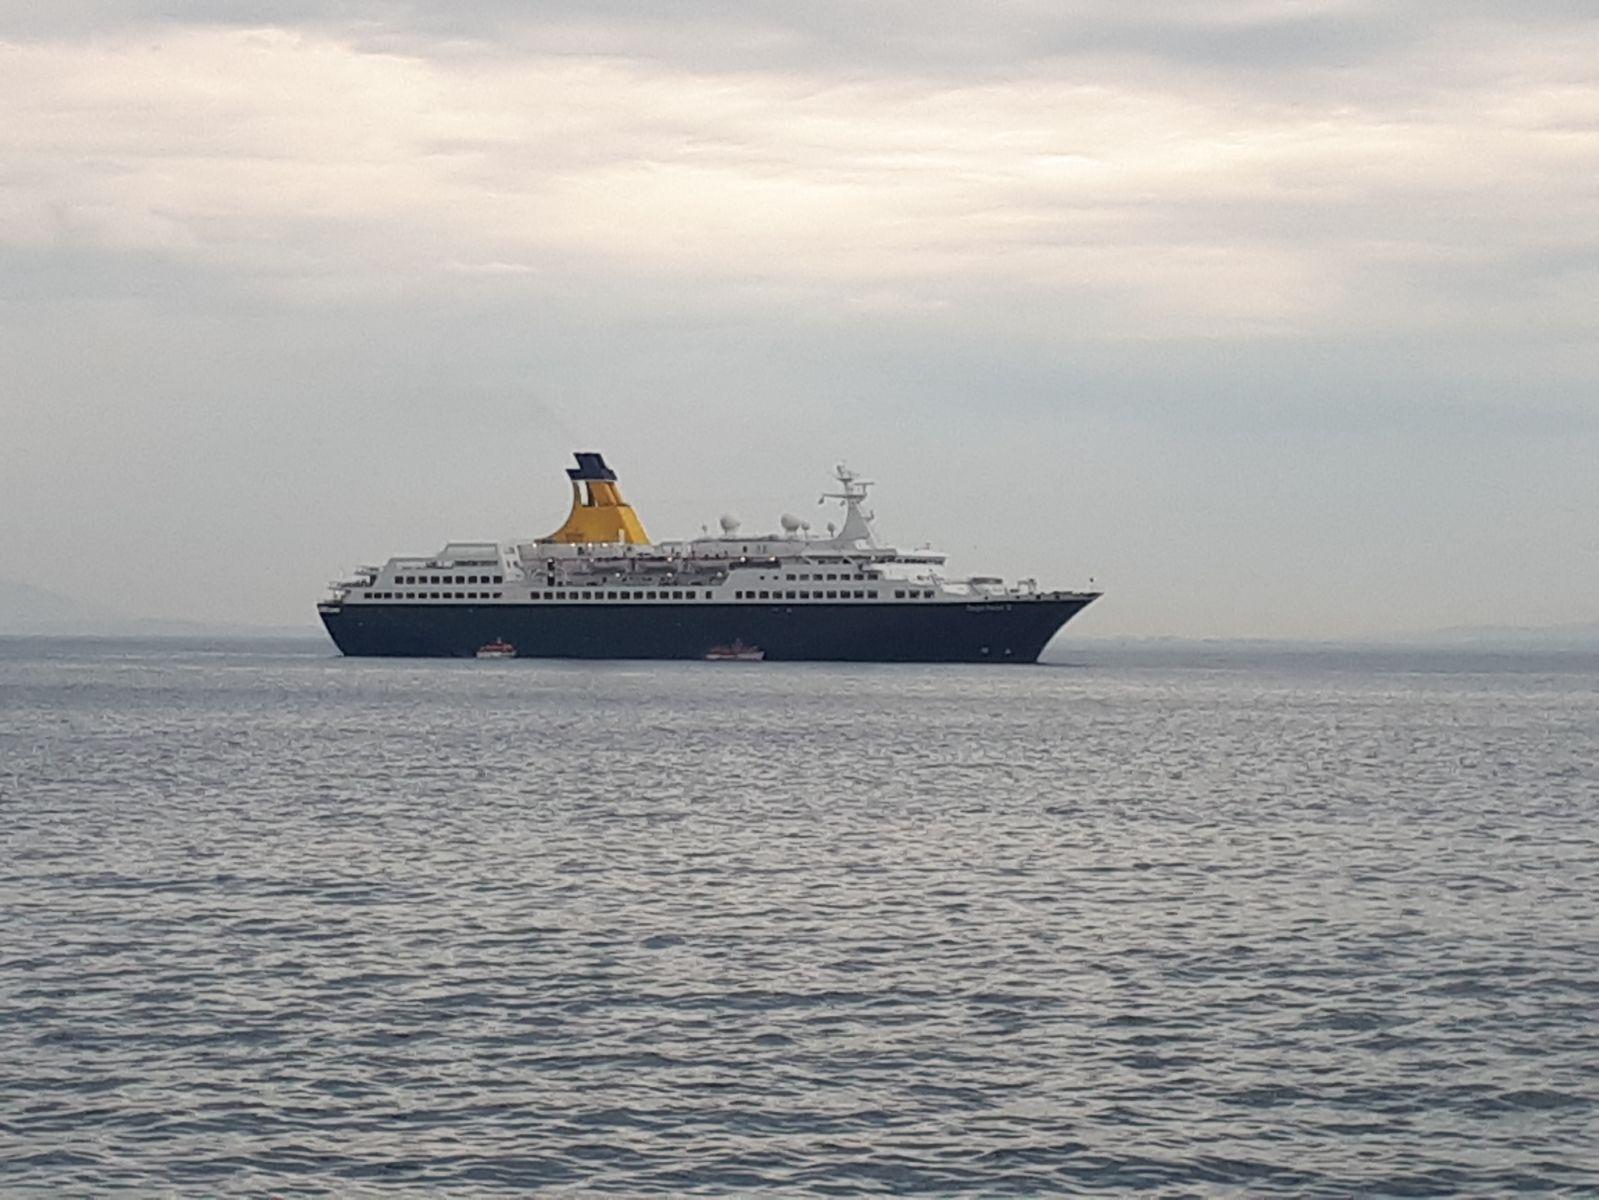 El port de Roses preveu un any excel·lent amb 13 escales i 9.500 passatgers de creuer